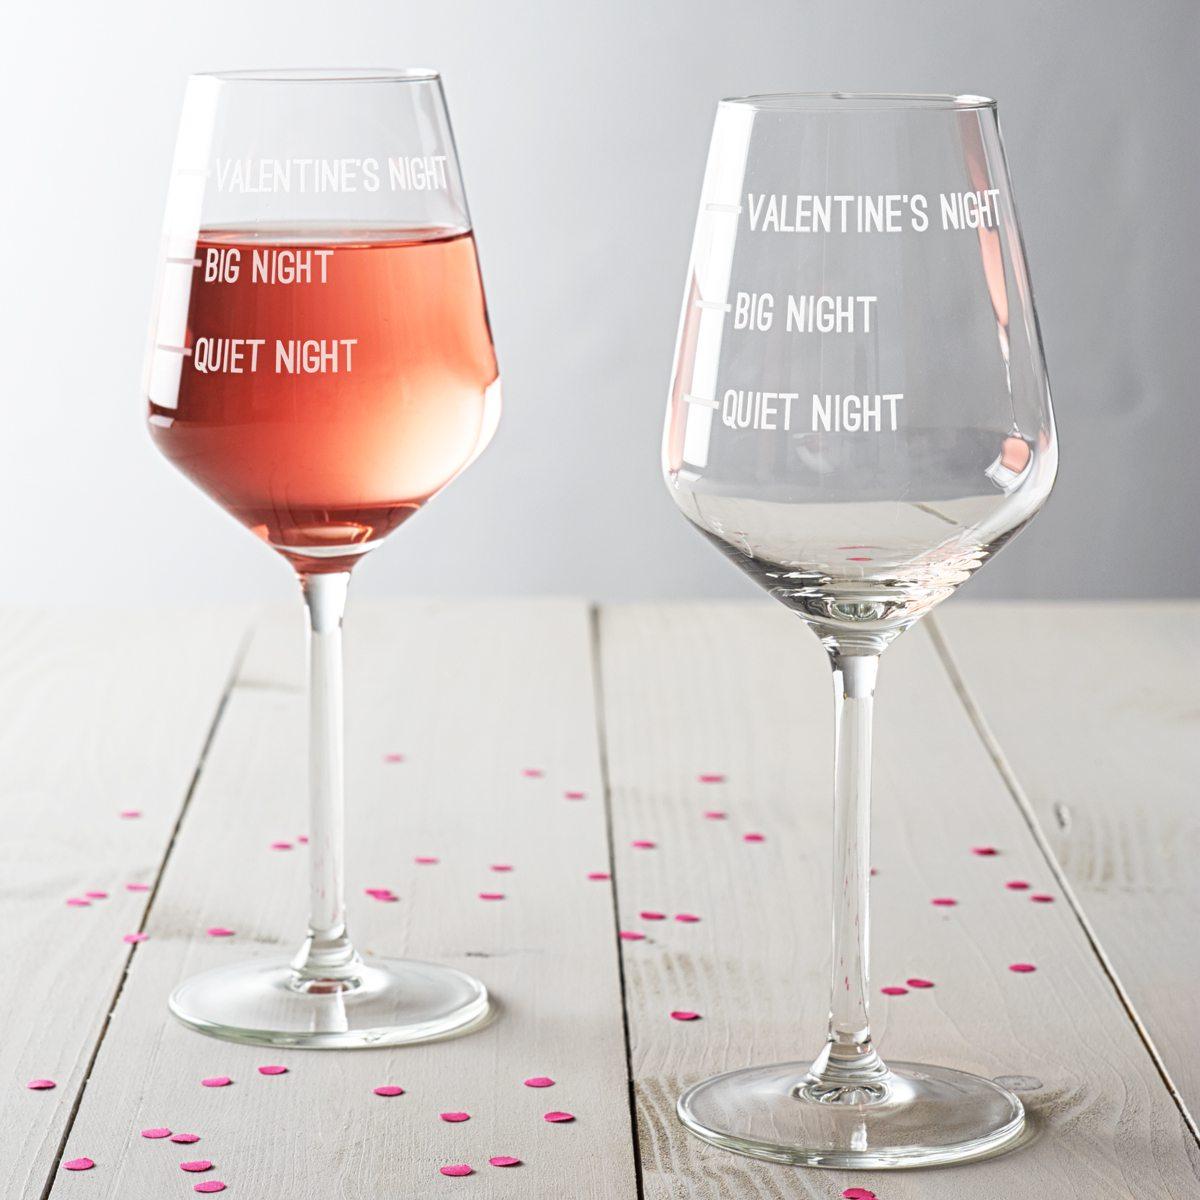 Valentine's Night Wine Glass